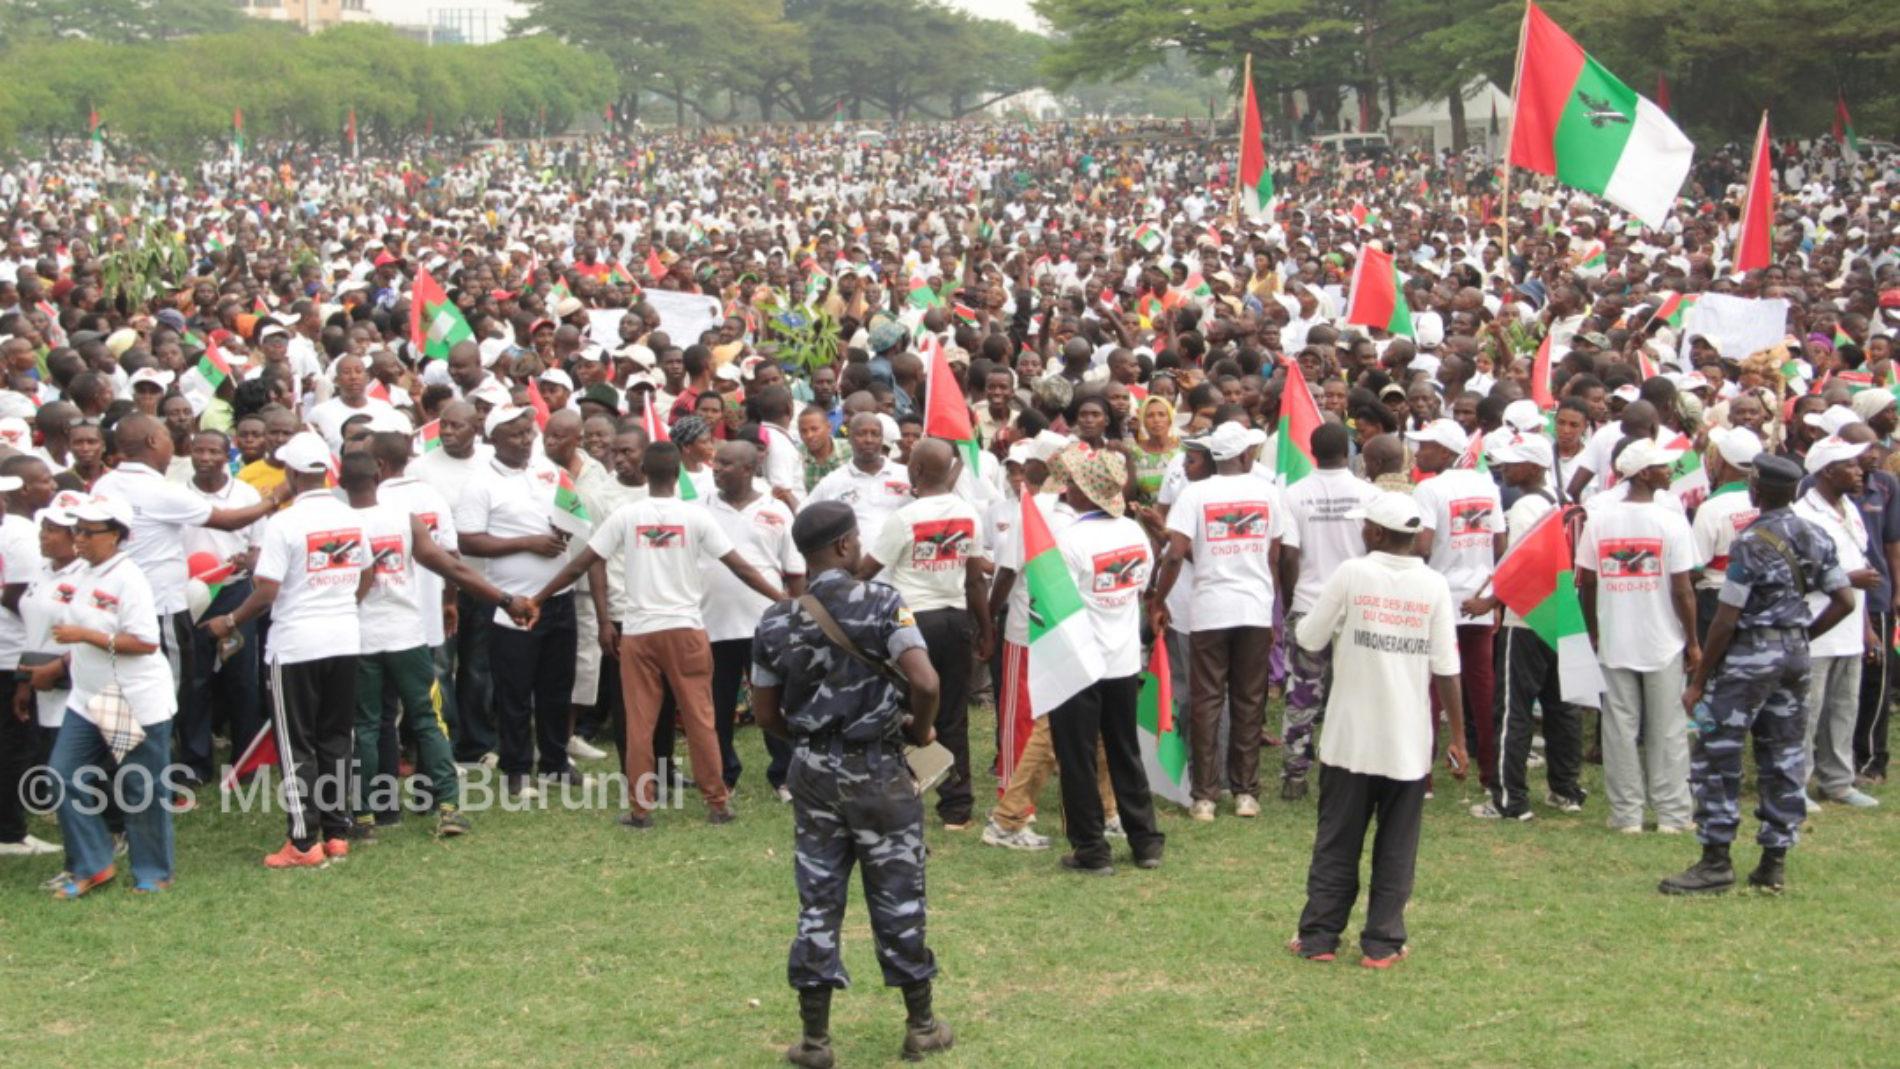 Des habitants dans trois autres provinces s'indignent contre des contributions forcées destinées à la croisade organisée par le parti CNDD-FDD